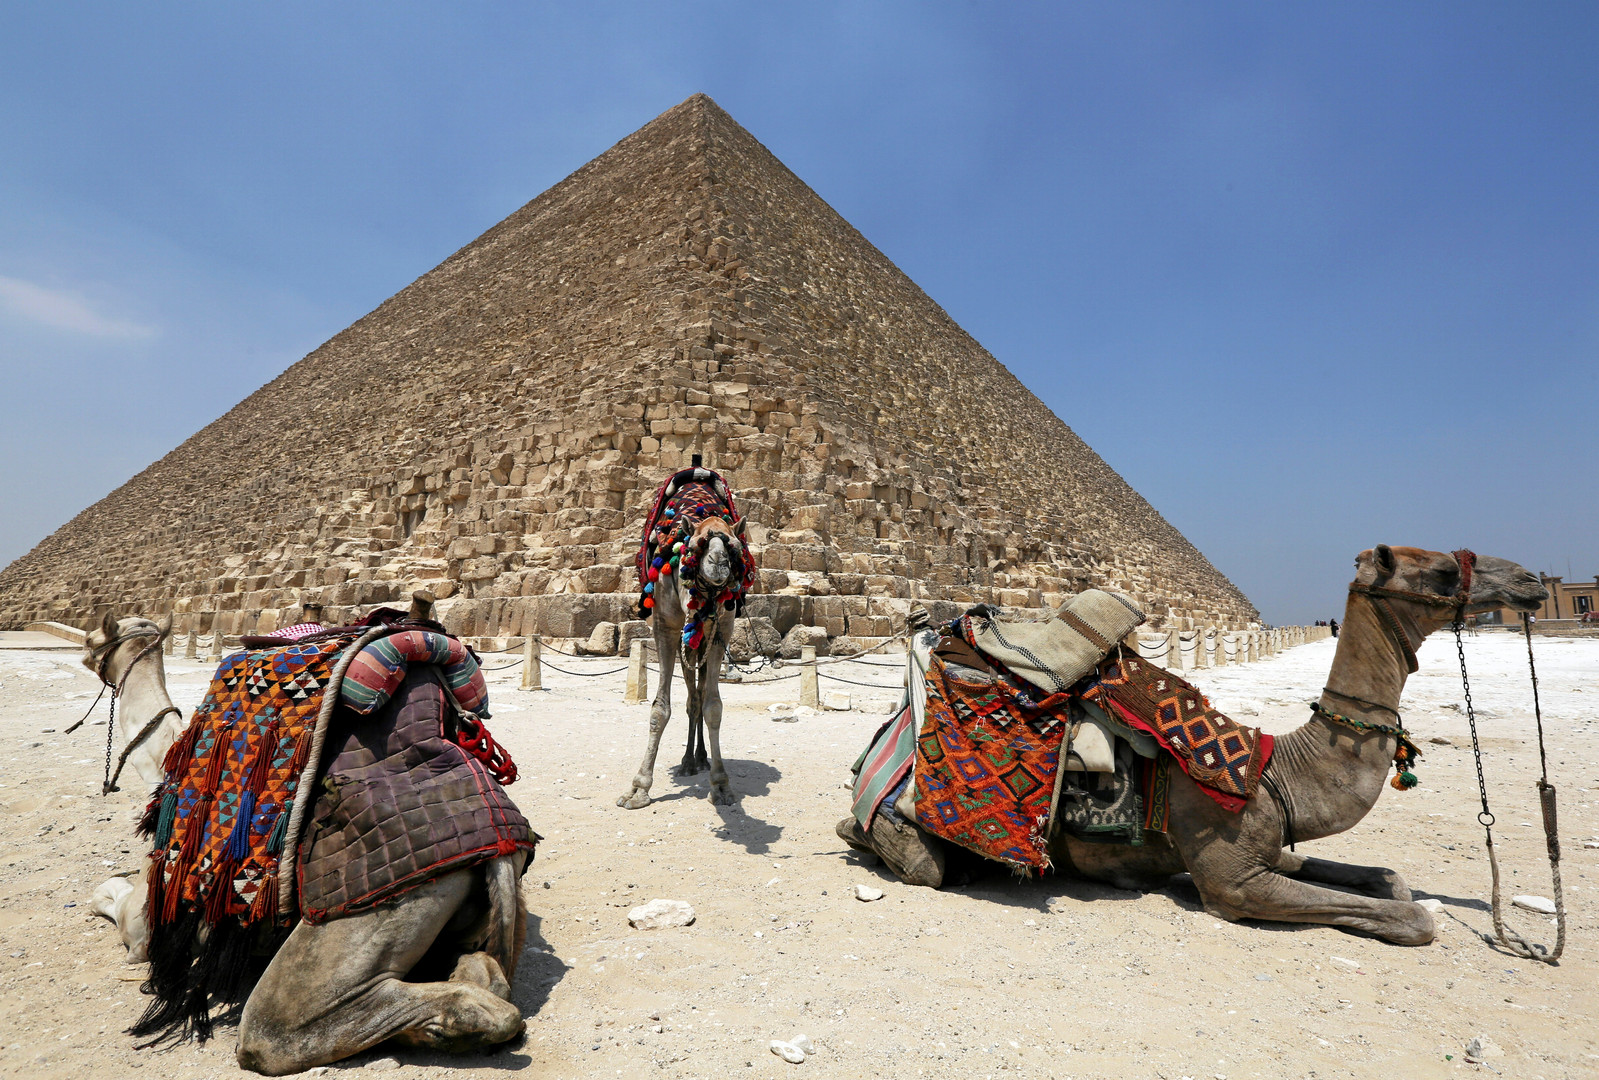 Фараон Хеопс и тайные комнаты: археологи нашли в знаменитой пирамиде новые помещения